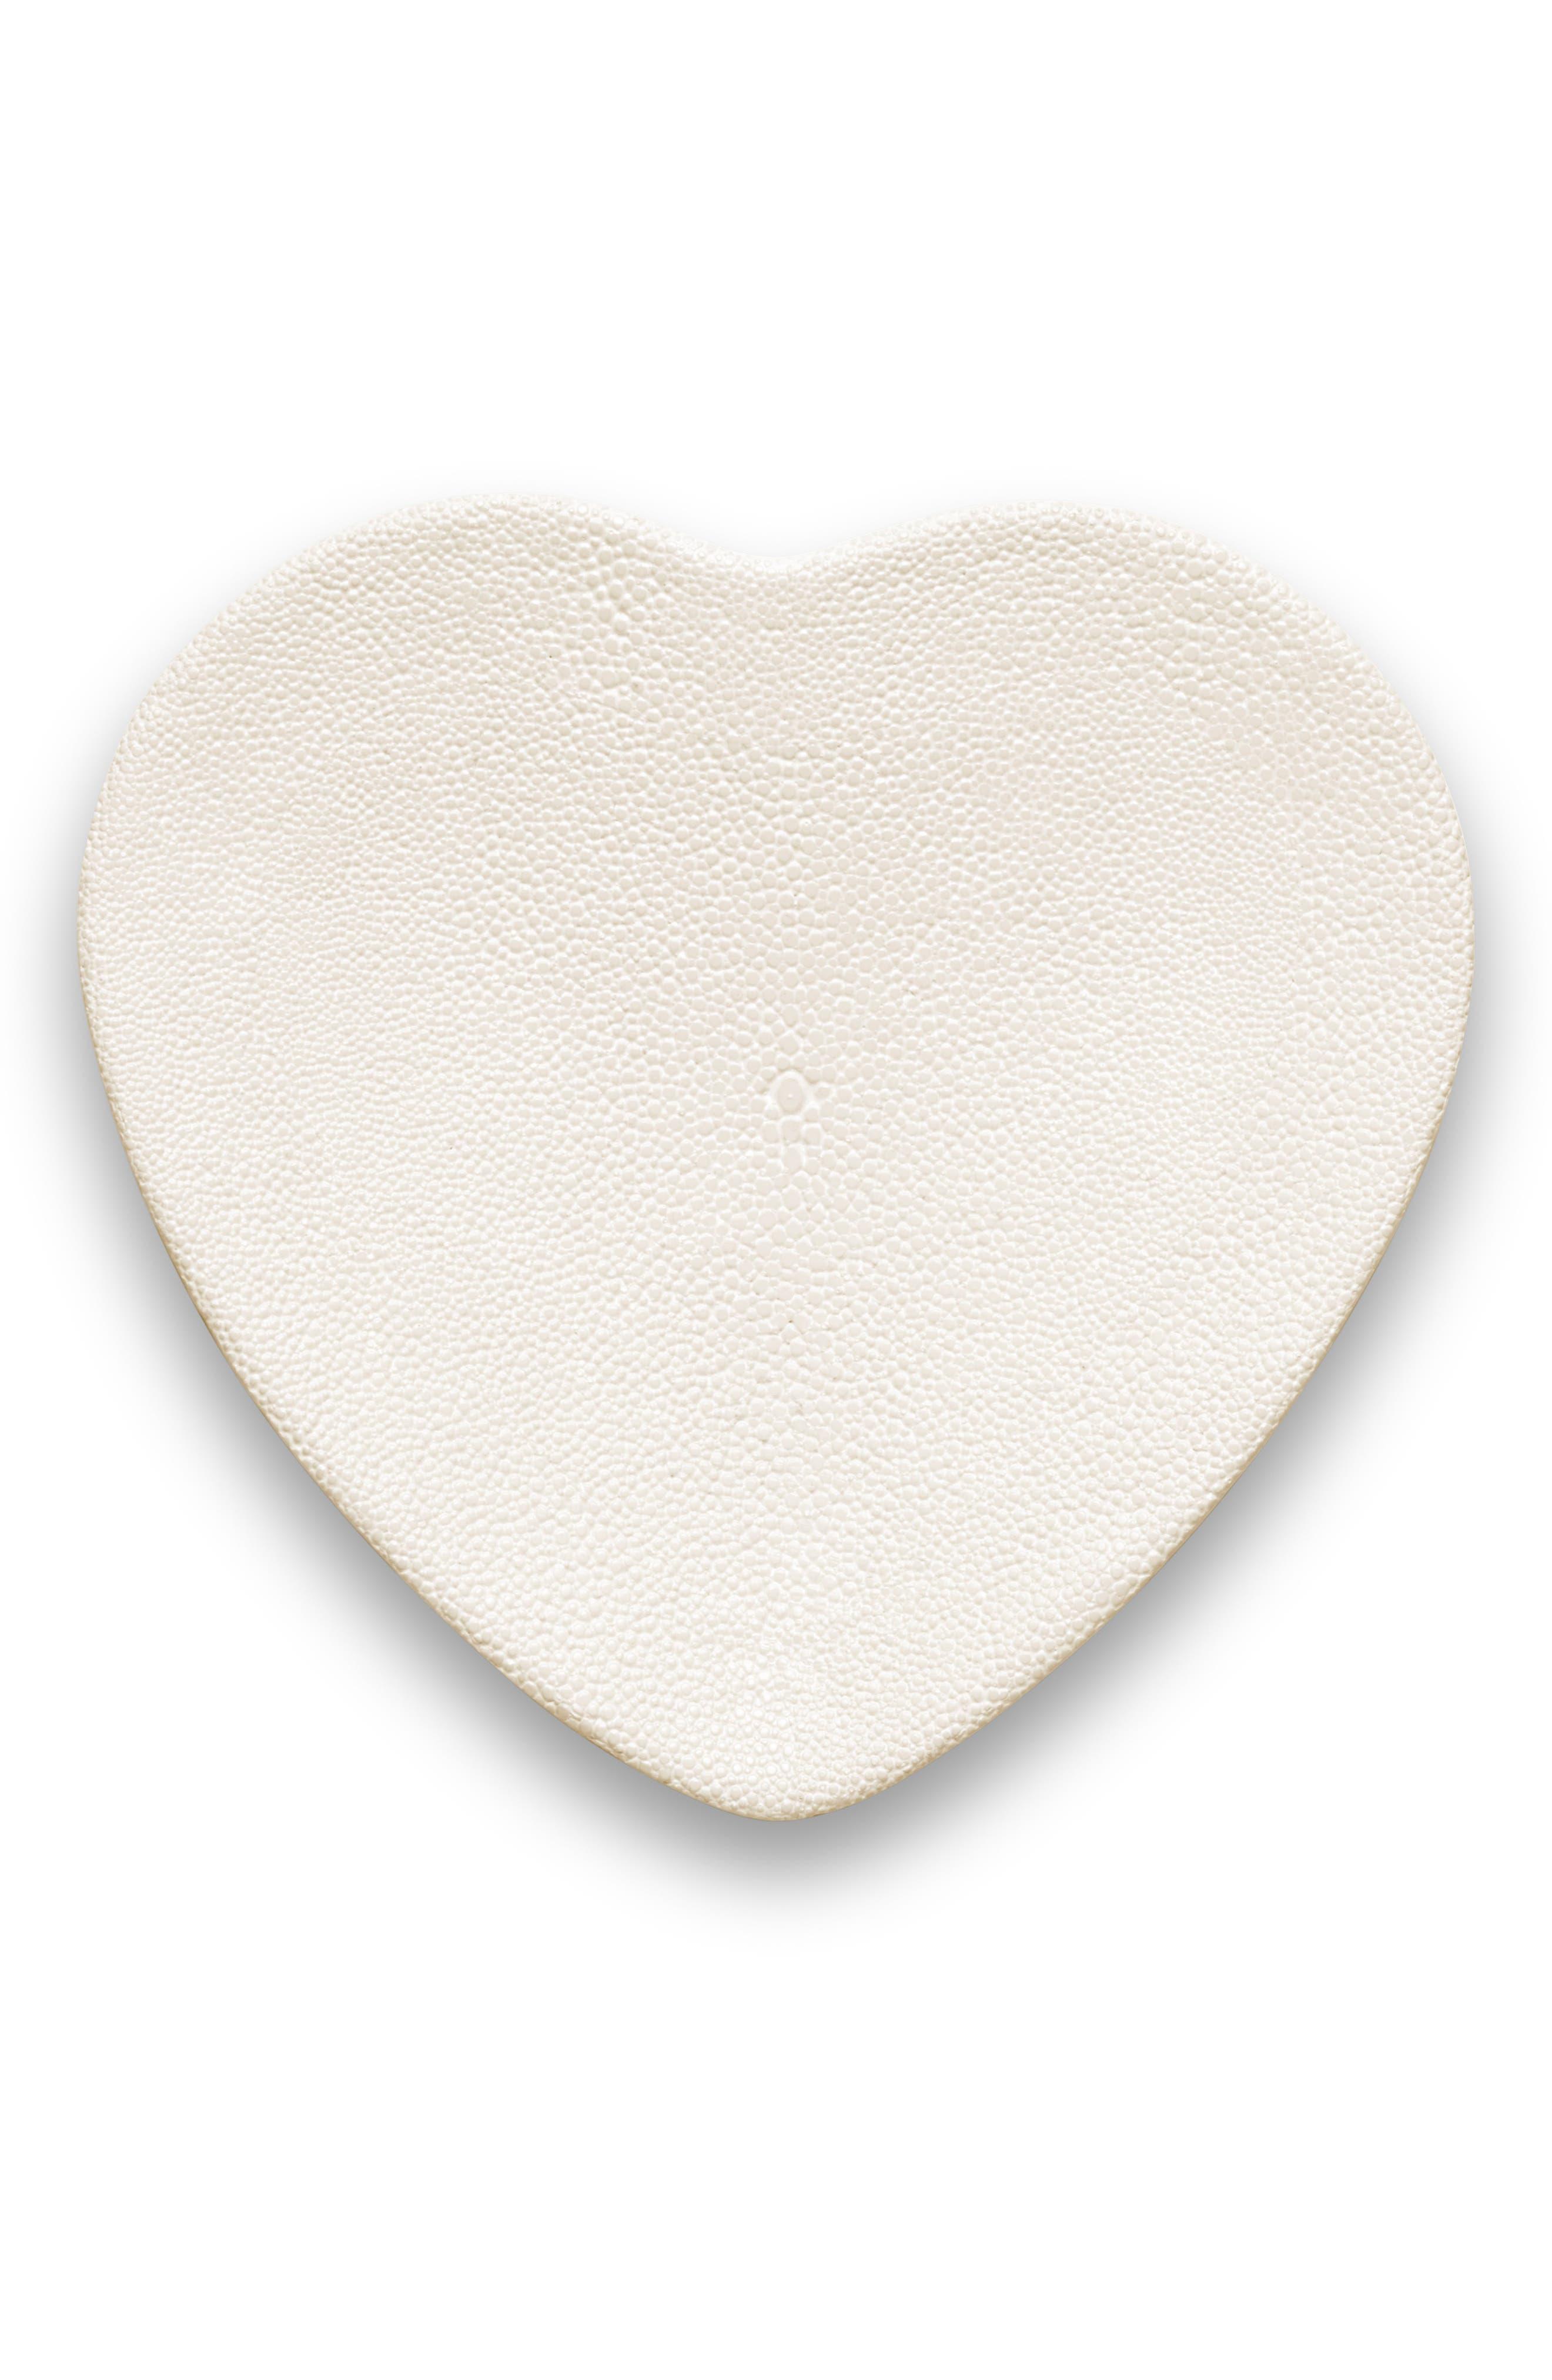 Shagreen Heart Trinket Tray,                         Main,                         color, CREAM